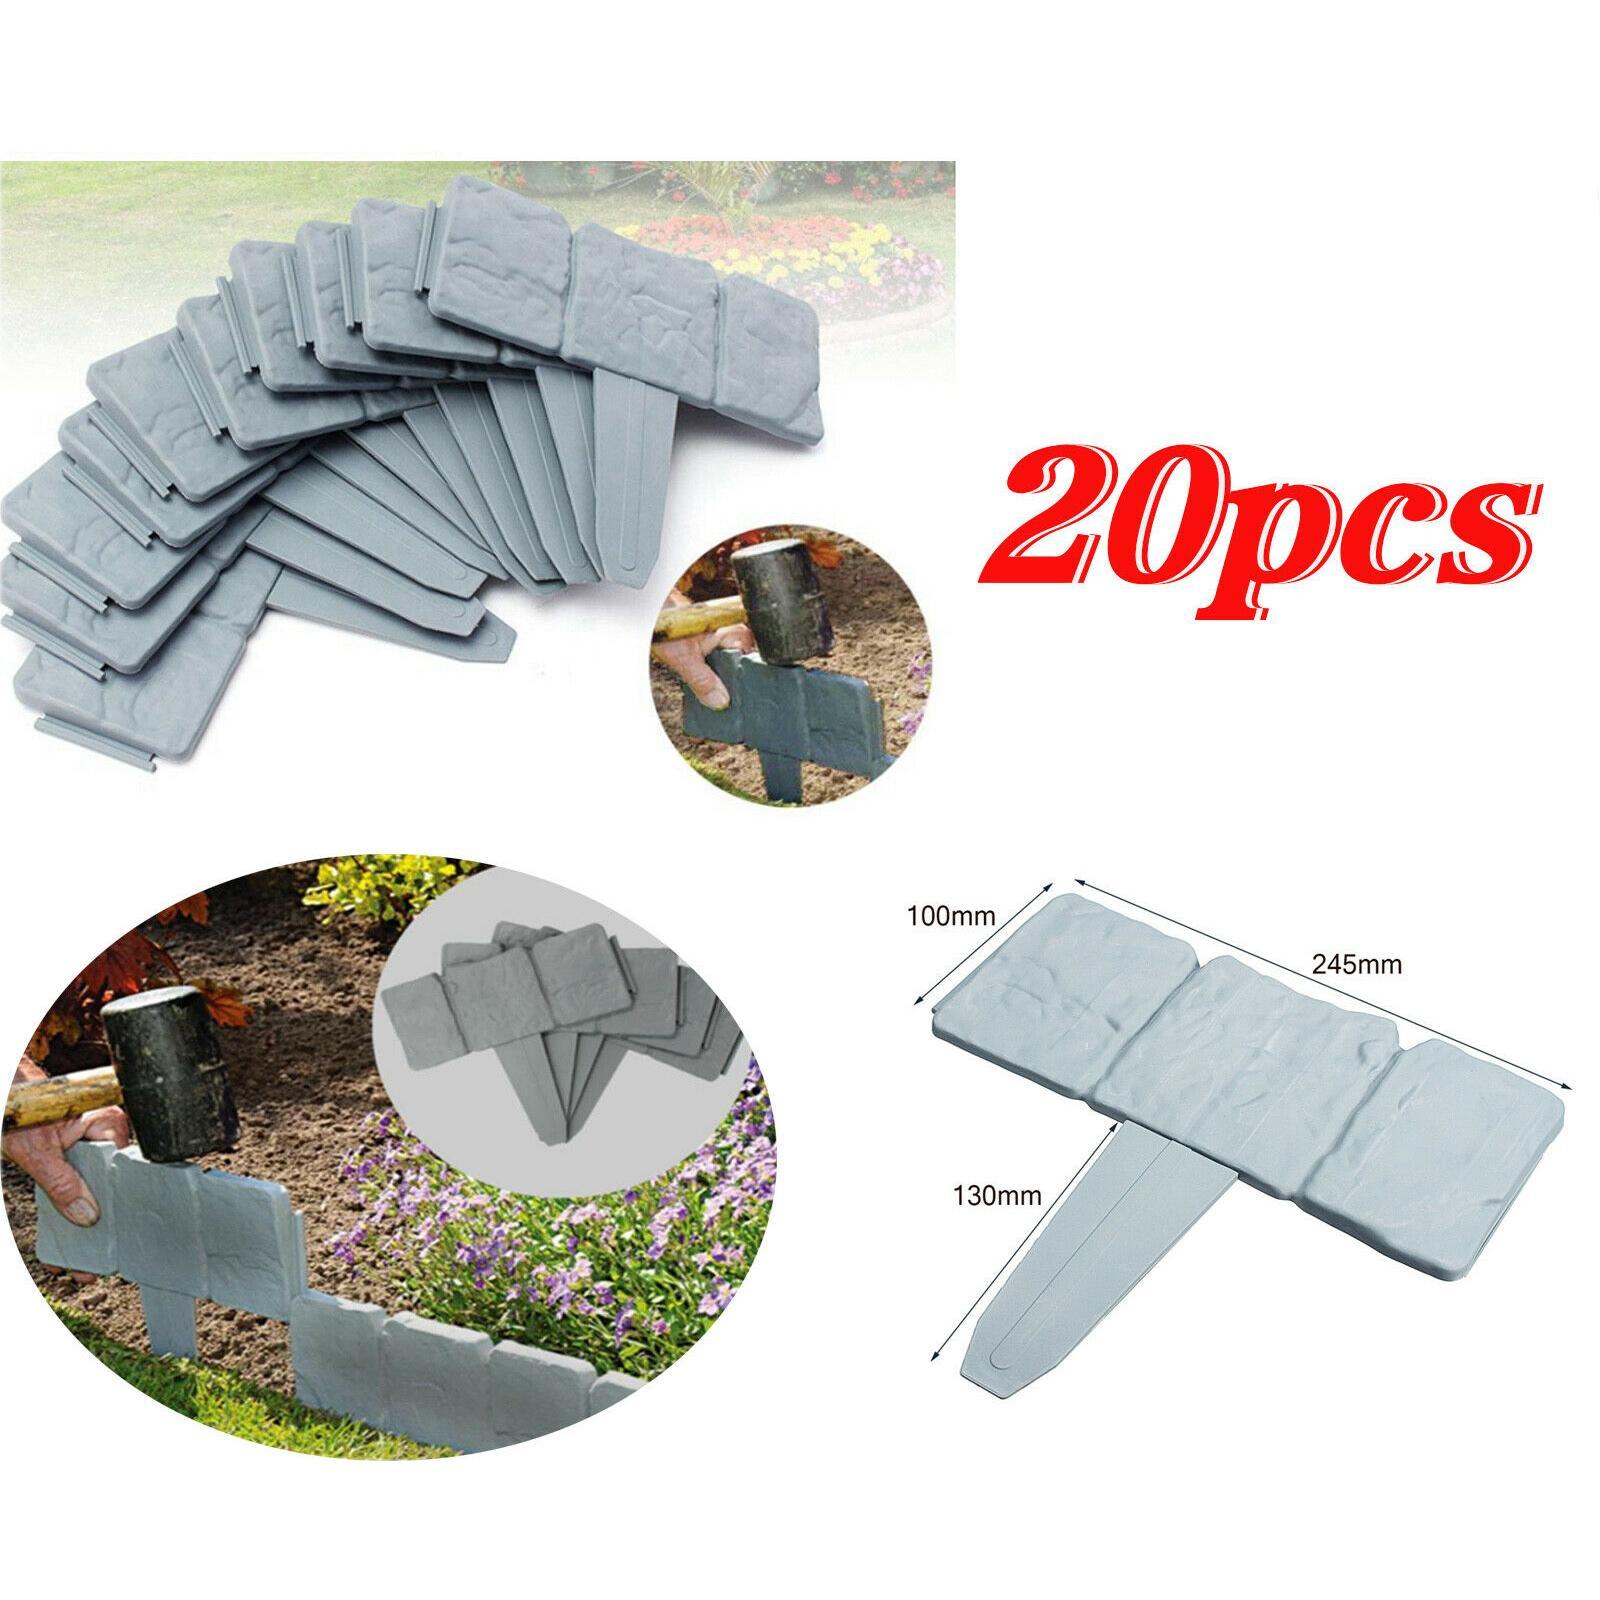 20 PCS Spring Yard Prato Giardino plastica Faux pietra Patio Border Fence Bordatura bordura domestico di DIY Accessory